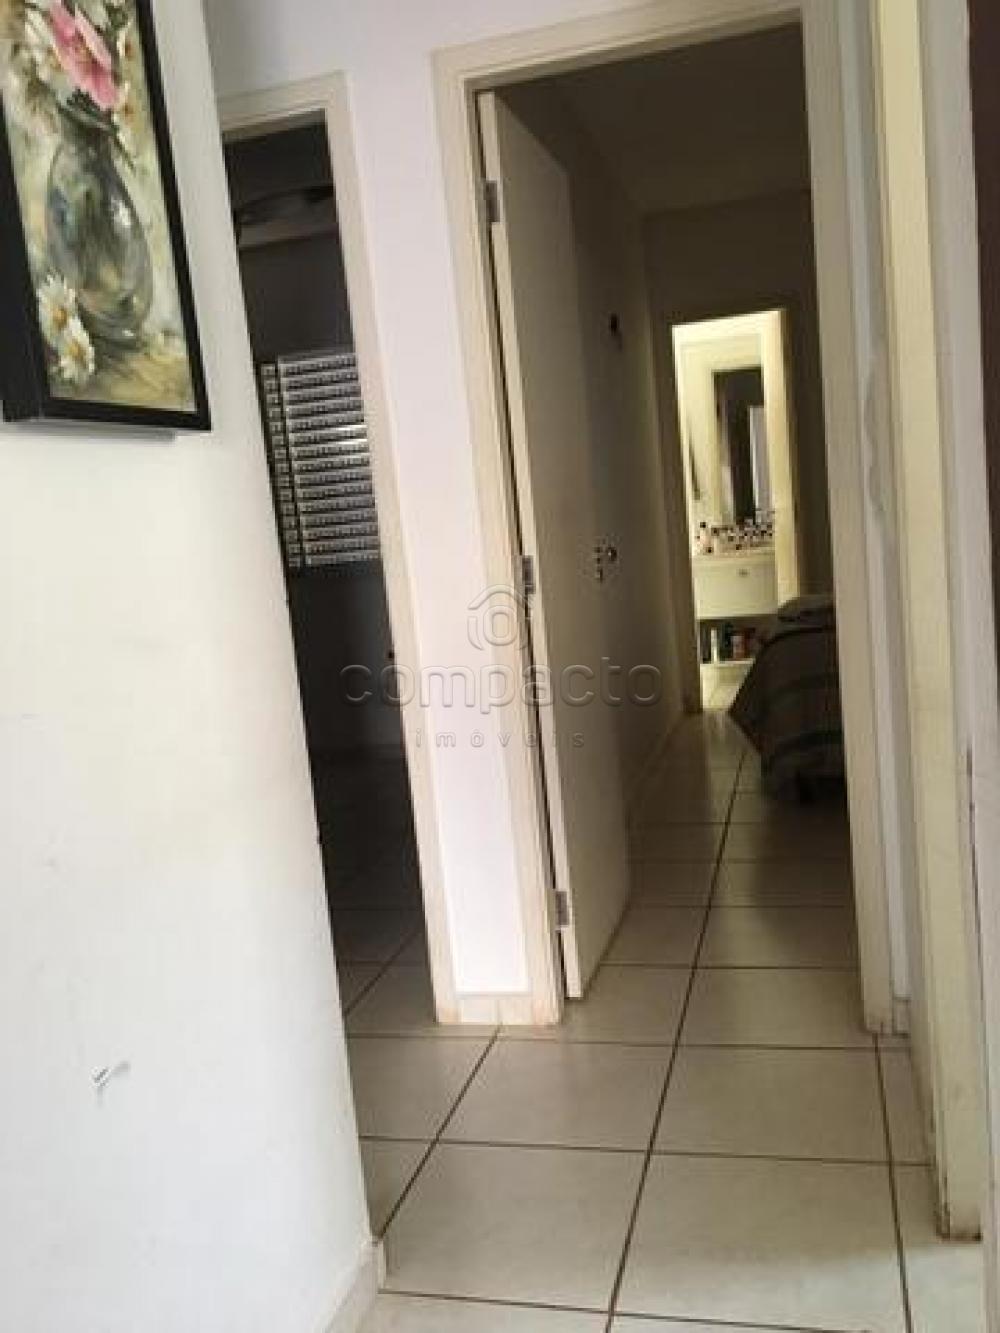 Comprar Casa / Condomínio em São José do Rio Preto apenas R$ 285.000,00 - Foto 9